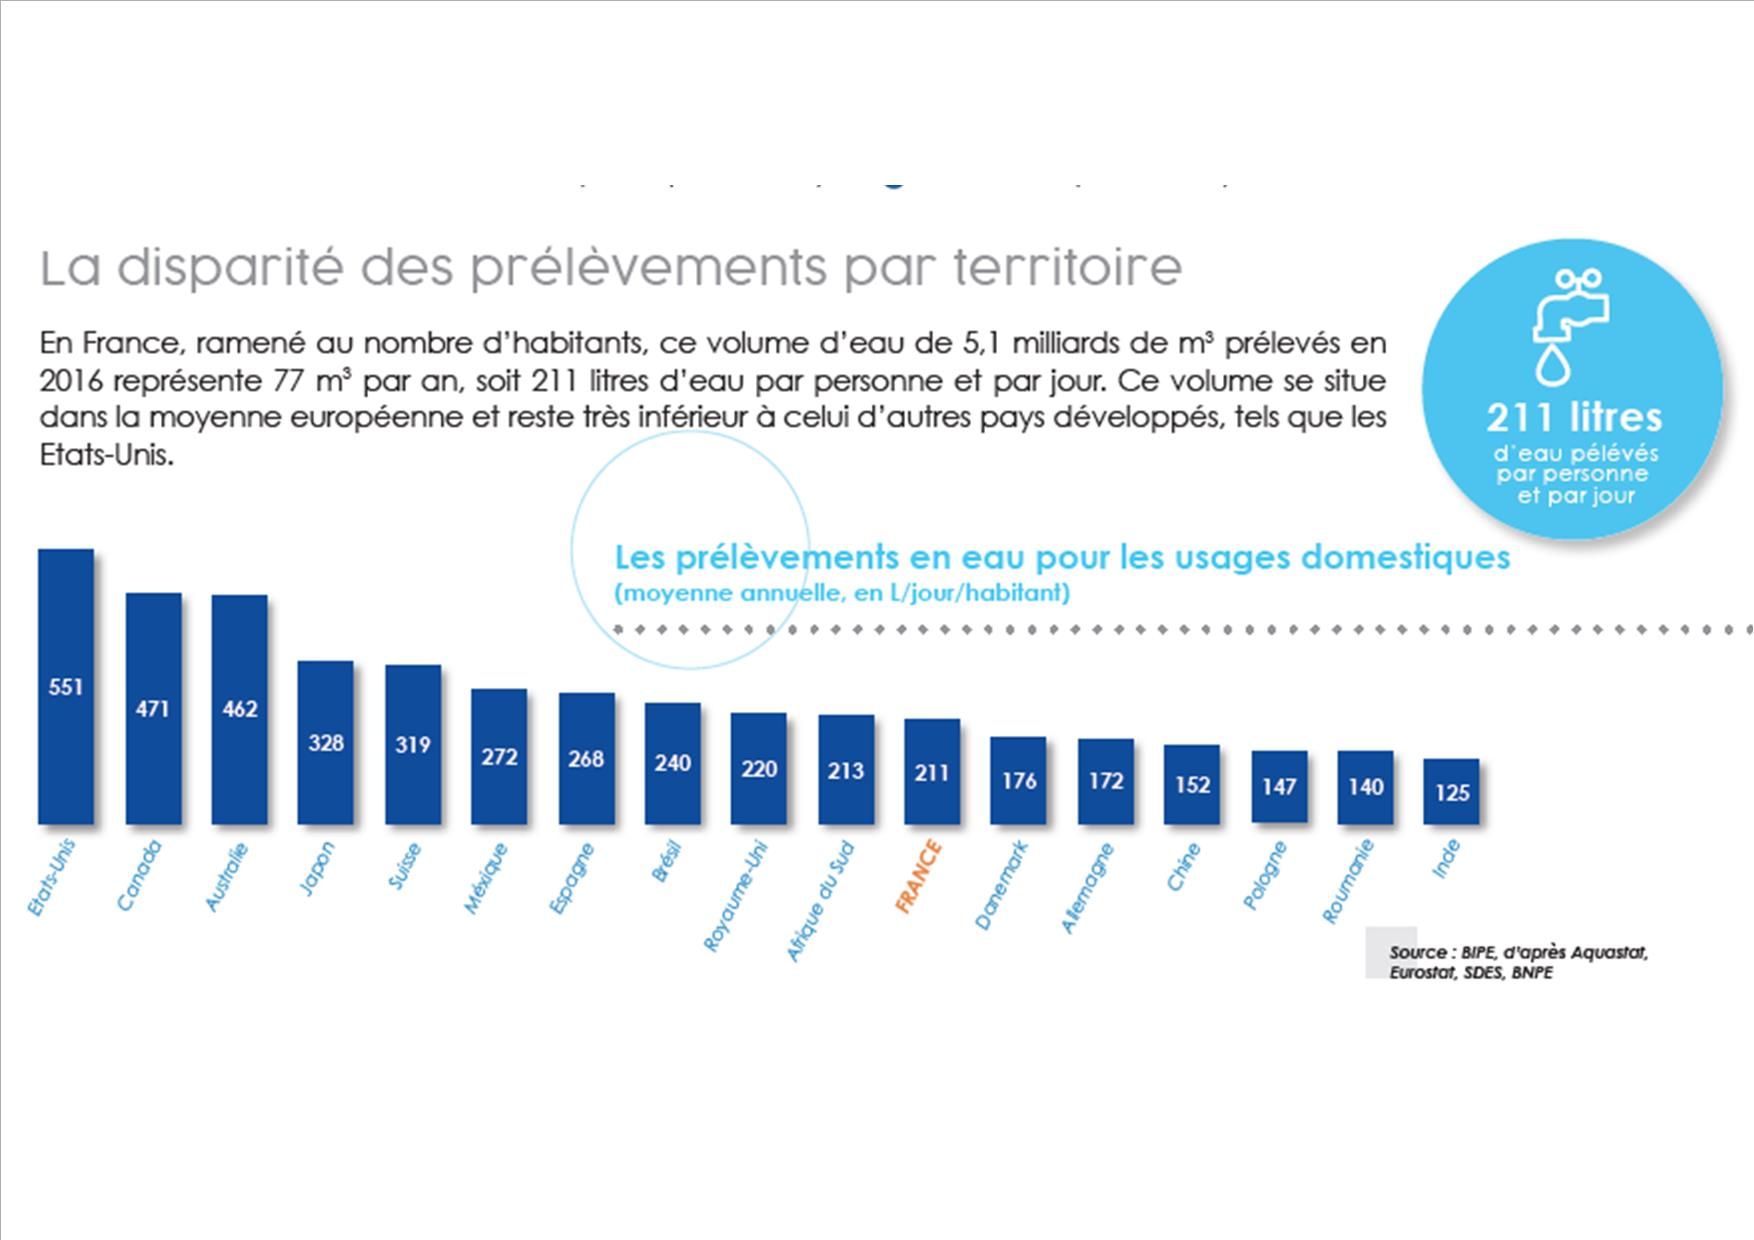 211 litres d'eau prélevés par personne et par jour en France